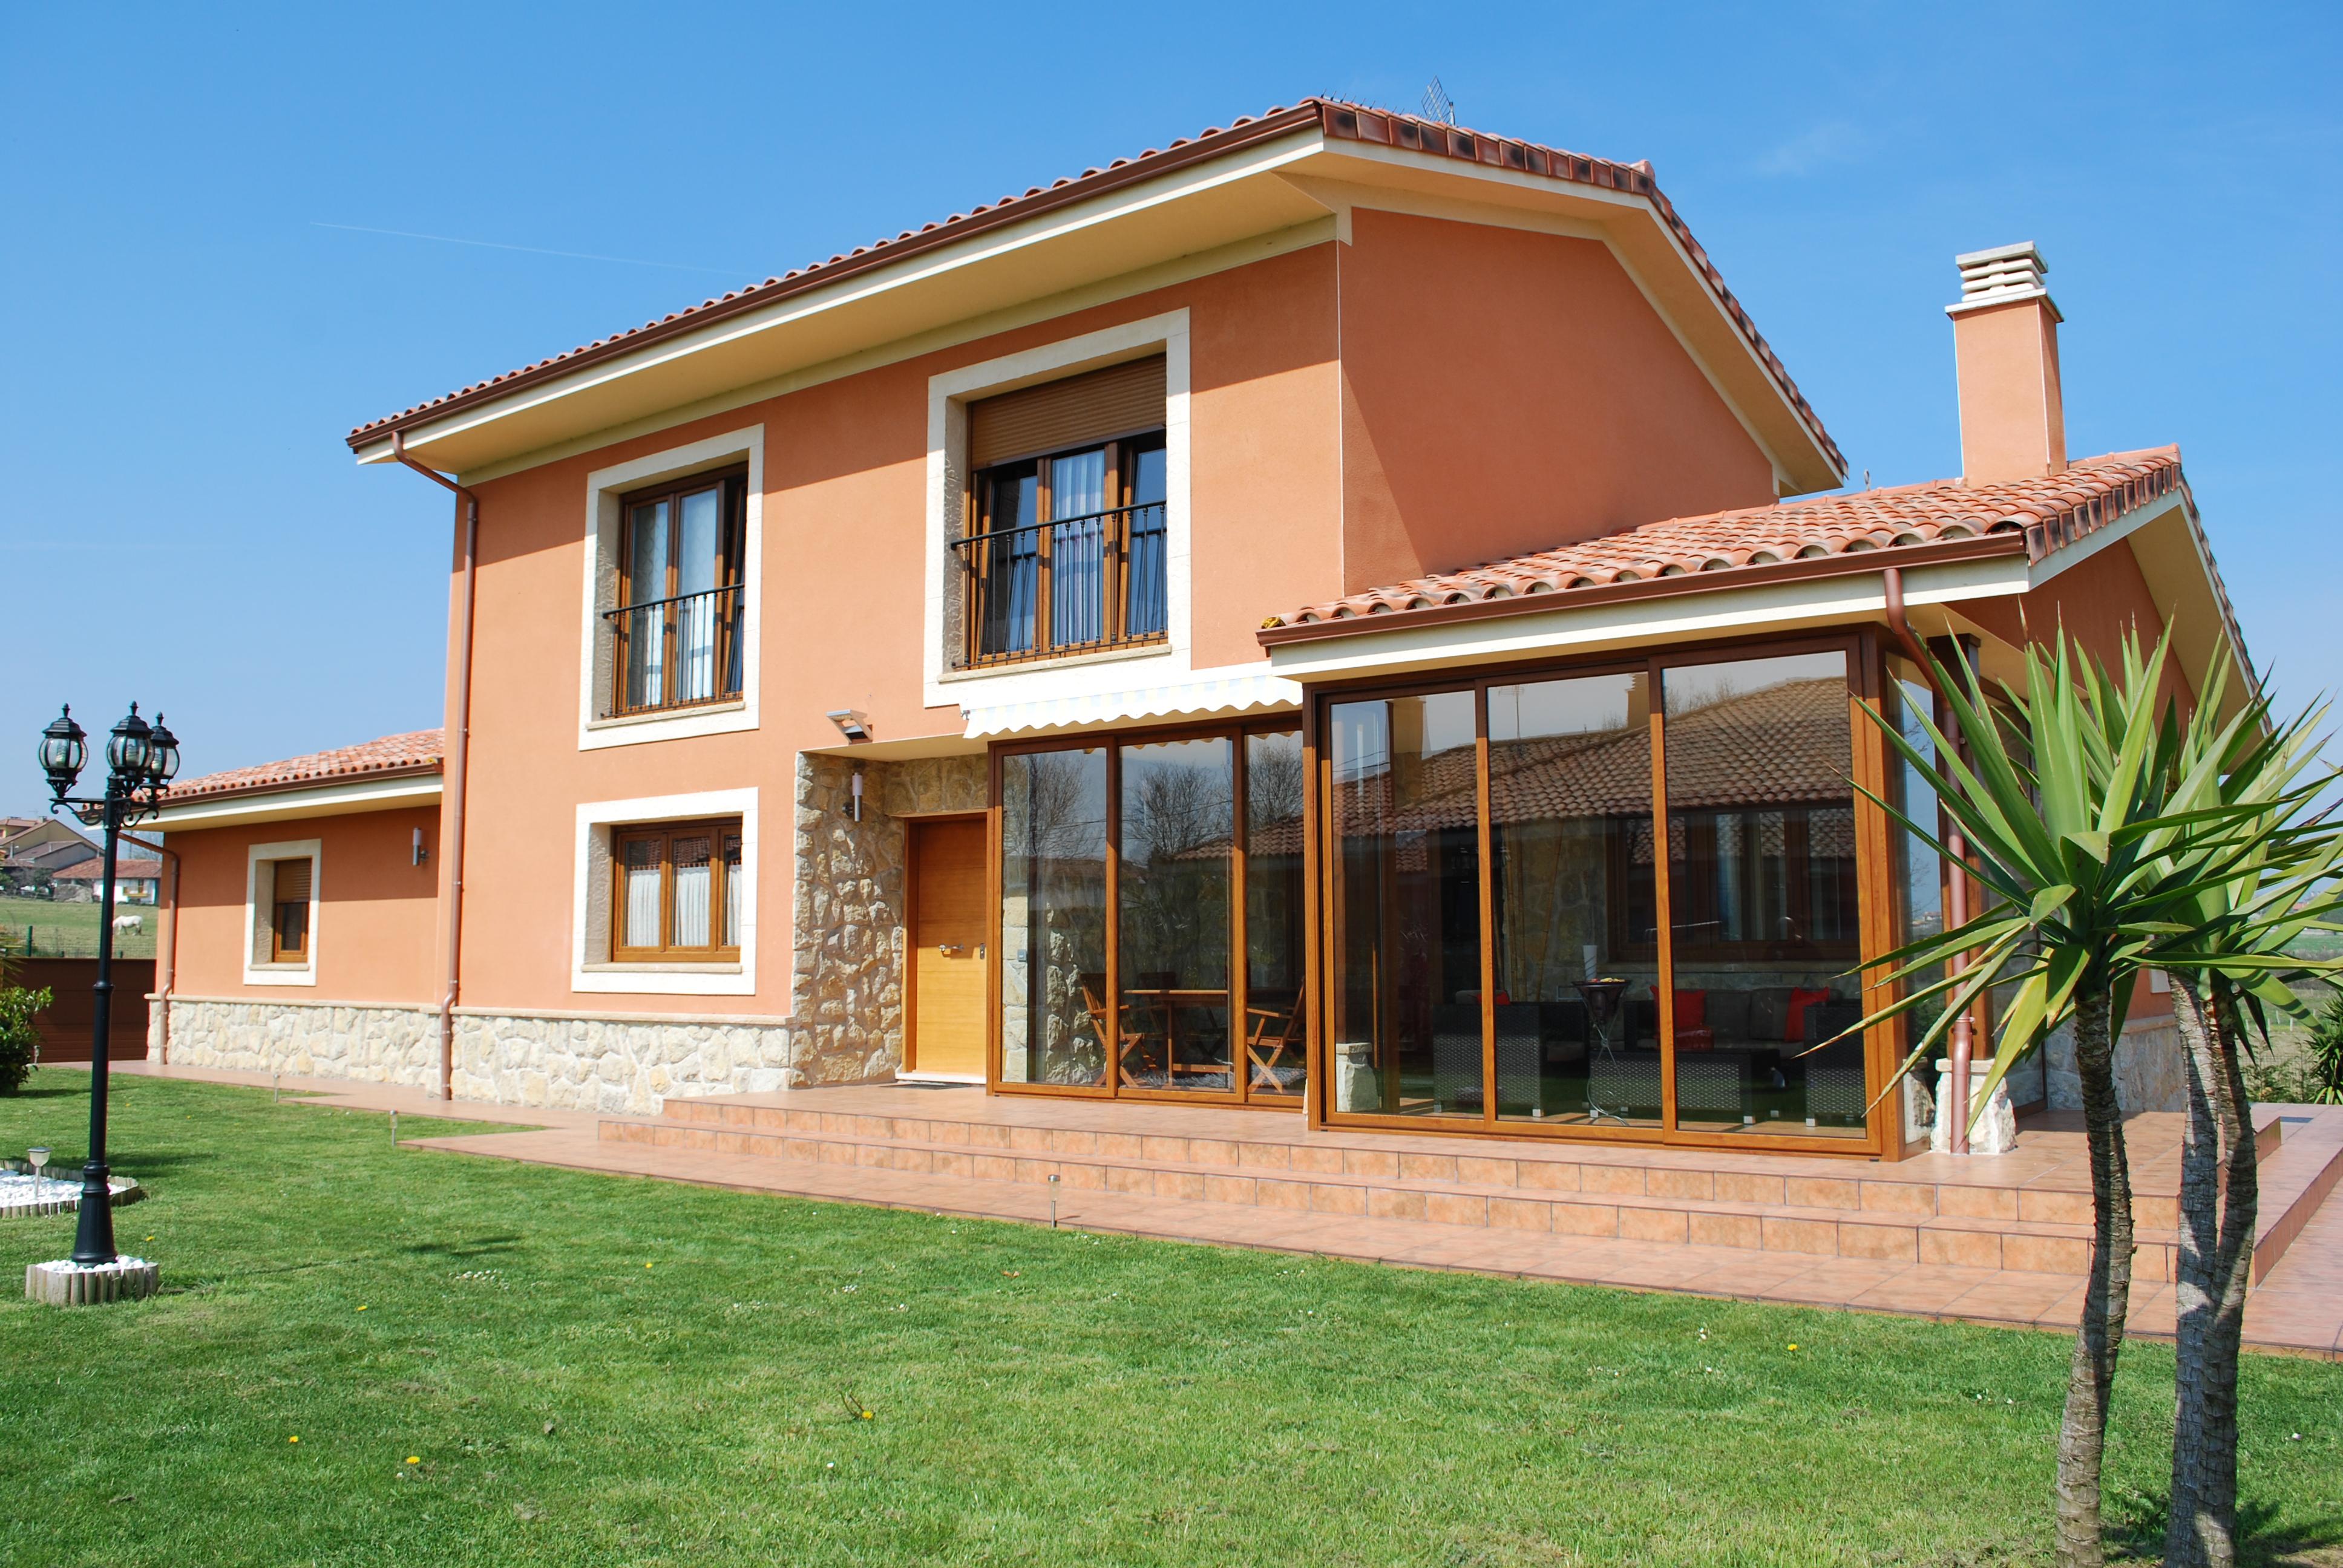 Venda casa de campo siero asturias espanha urbanizacion jardines de anes n2 2 espanha - Casa de campo asturias ...